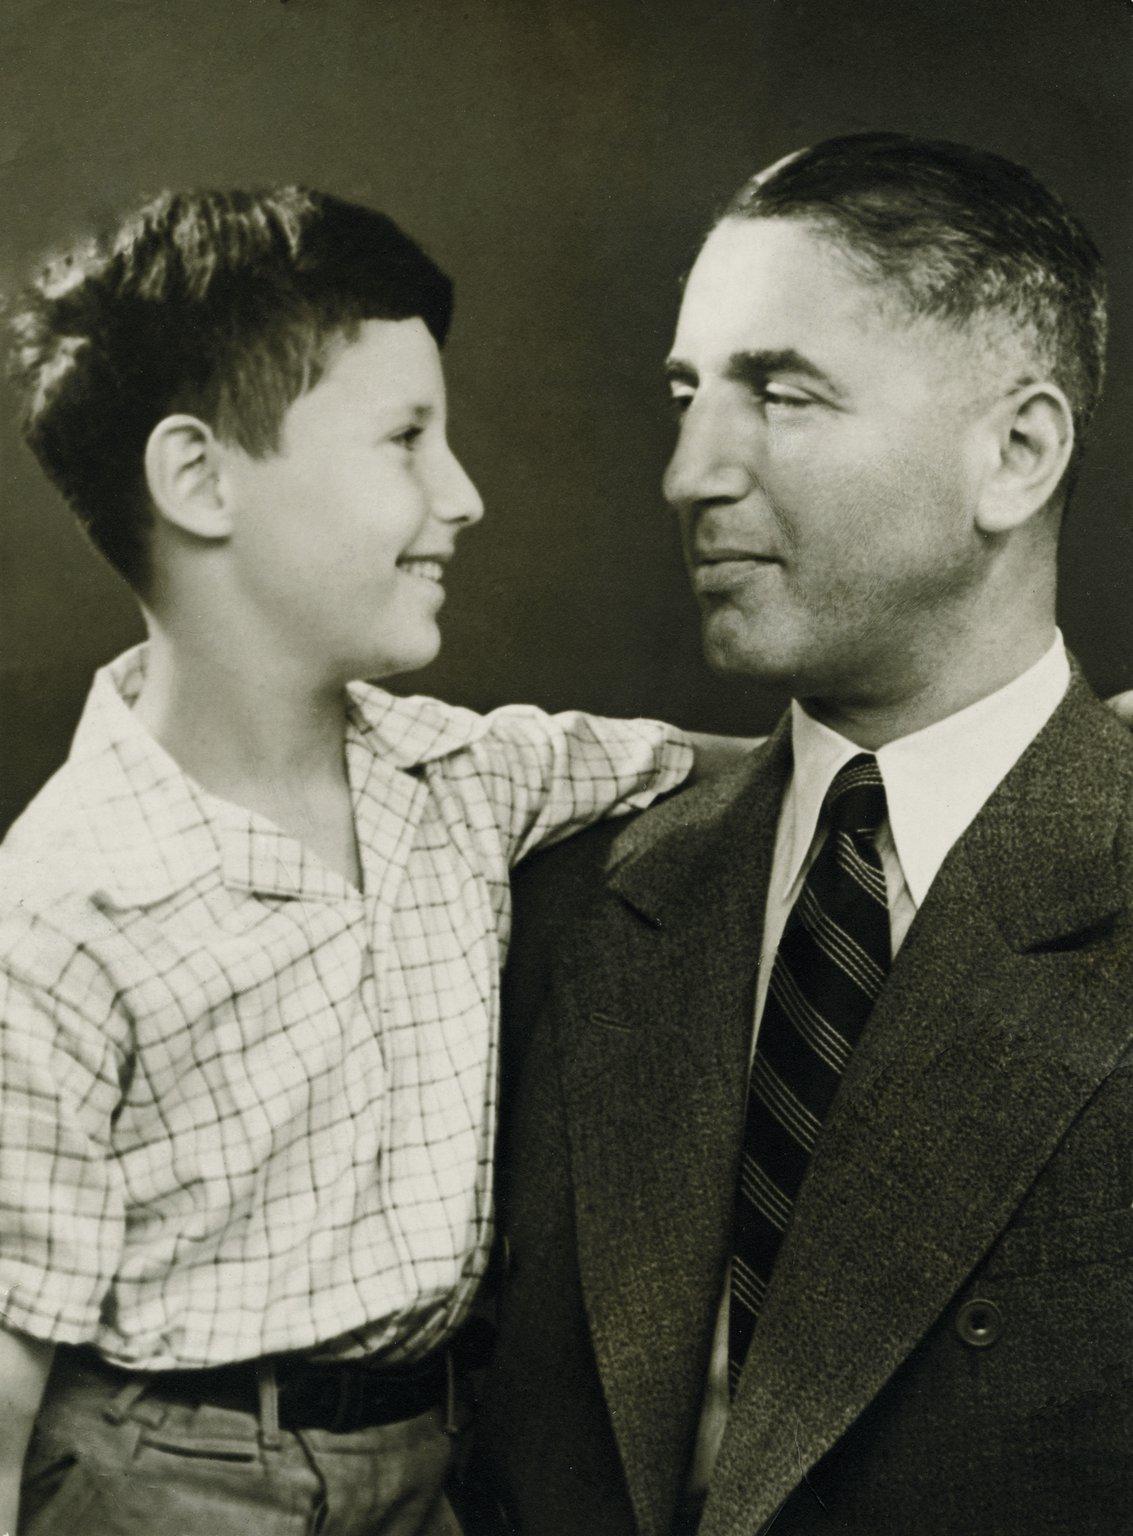 Fritz Pfeffer mit seinem Sohn Werner, um 1938. Werner überlebt den Krieg und geht später in die USA, wo er den Namen Peter Pepper annimmt. Er stirbt 1995.